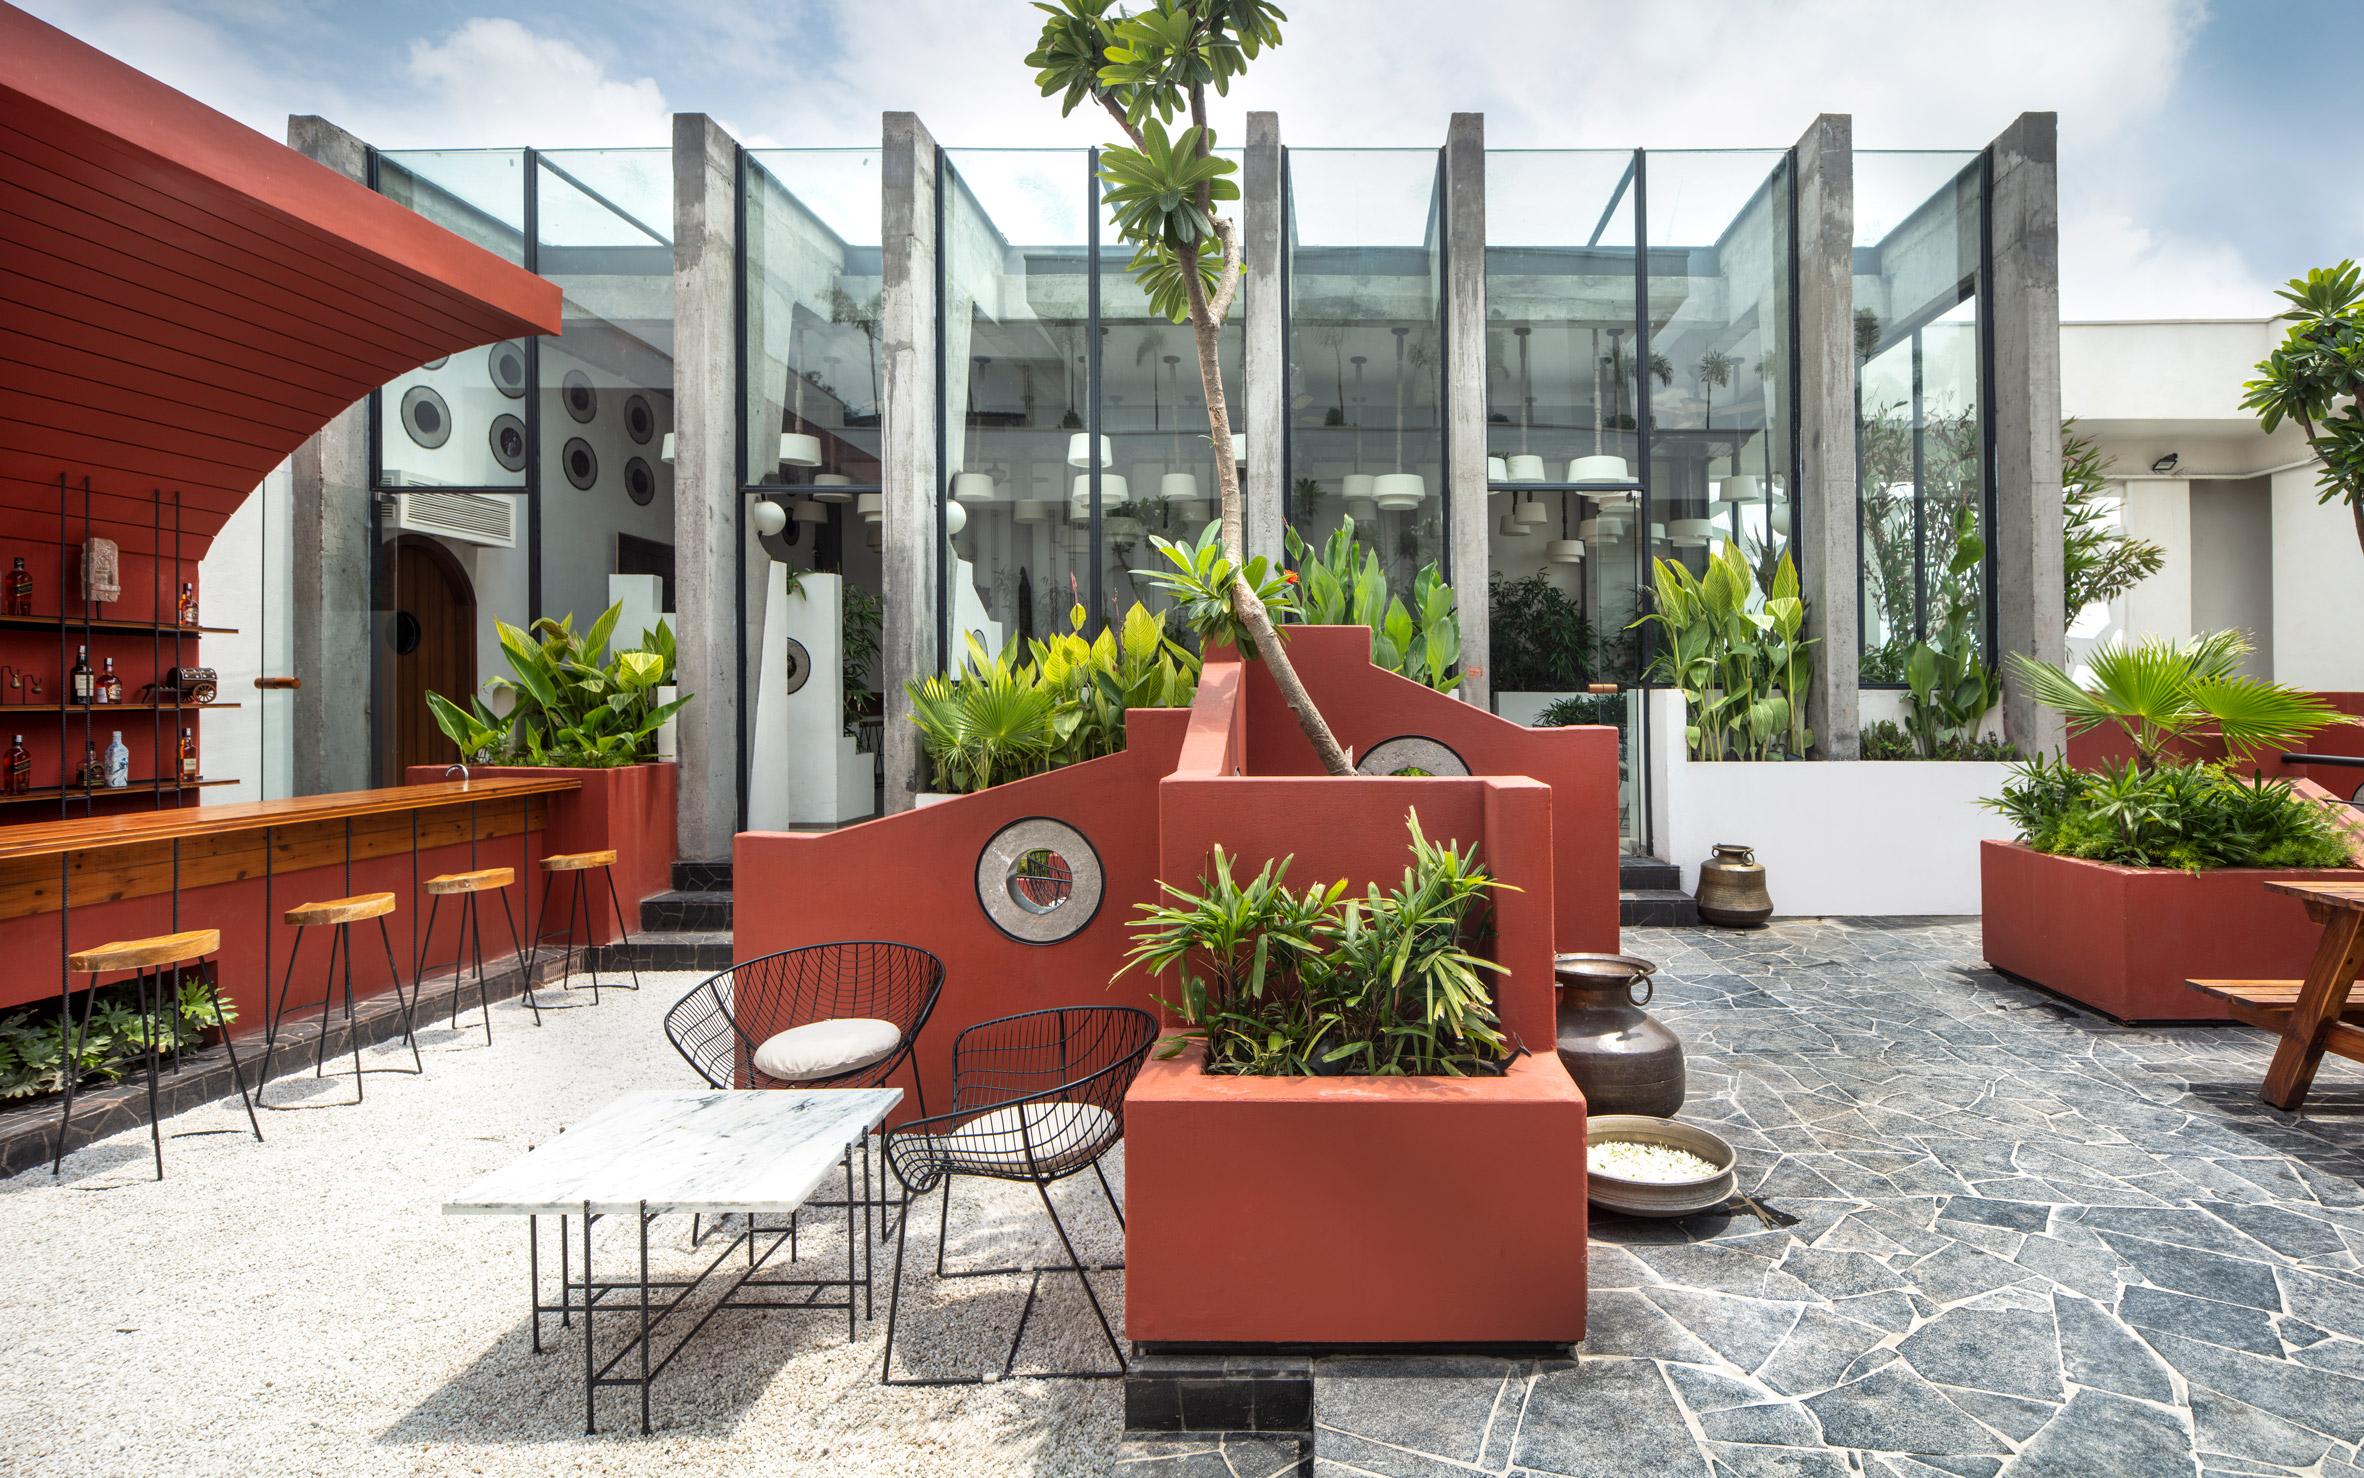 Thiết kế quán cafesân vườn